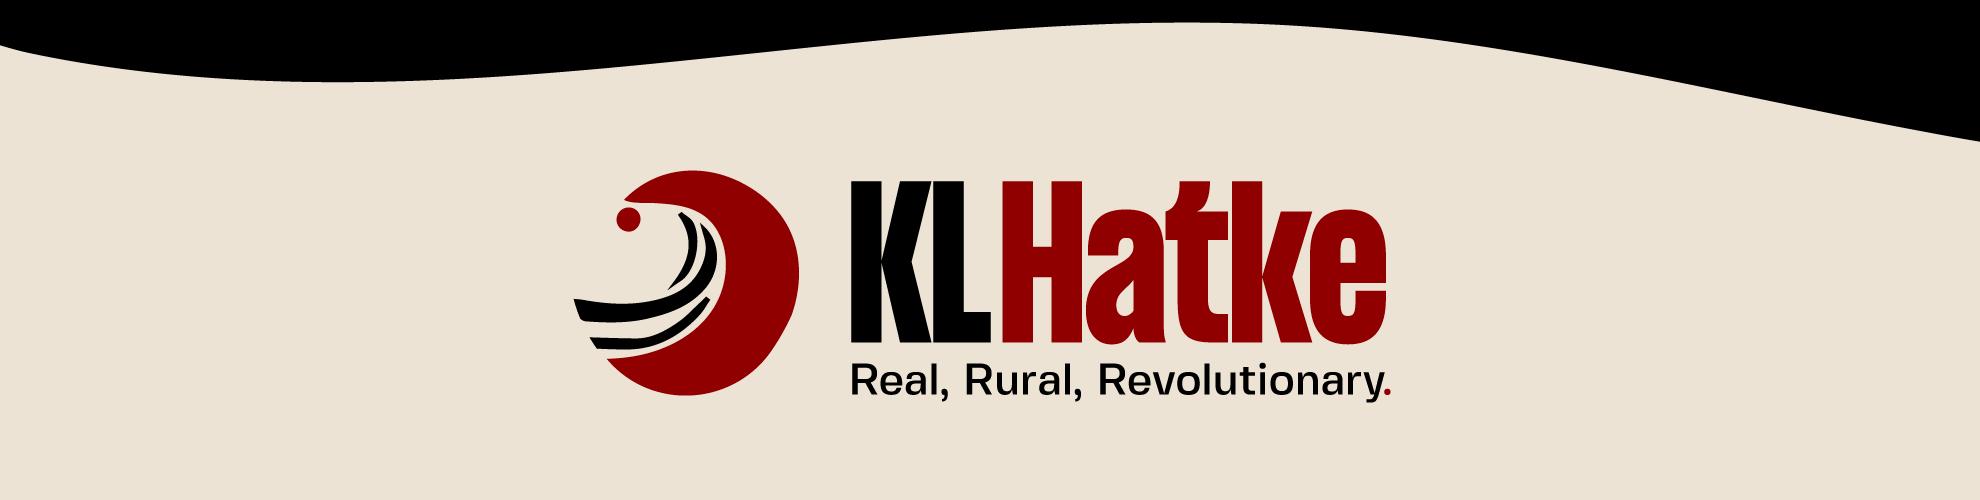 a banner image with KL Hatke logo